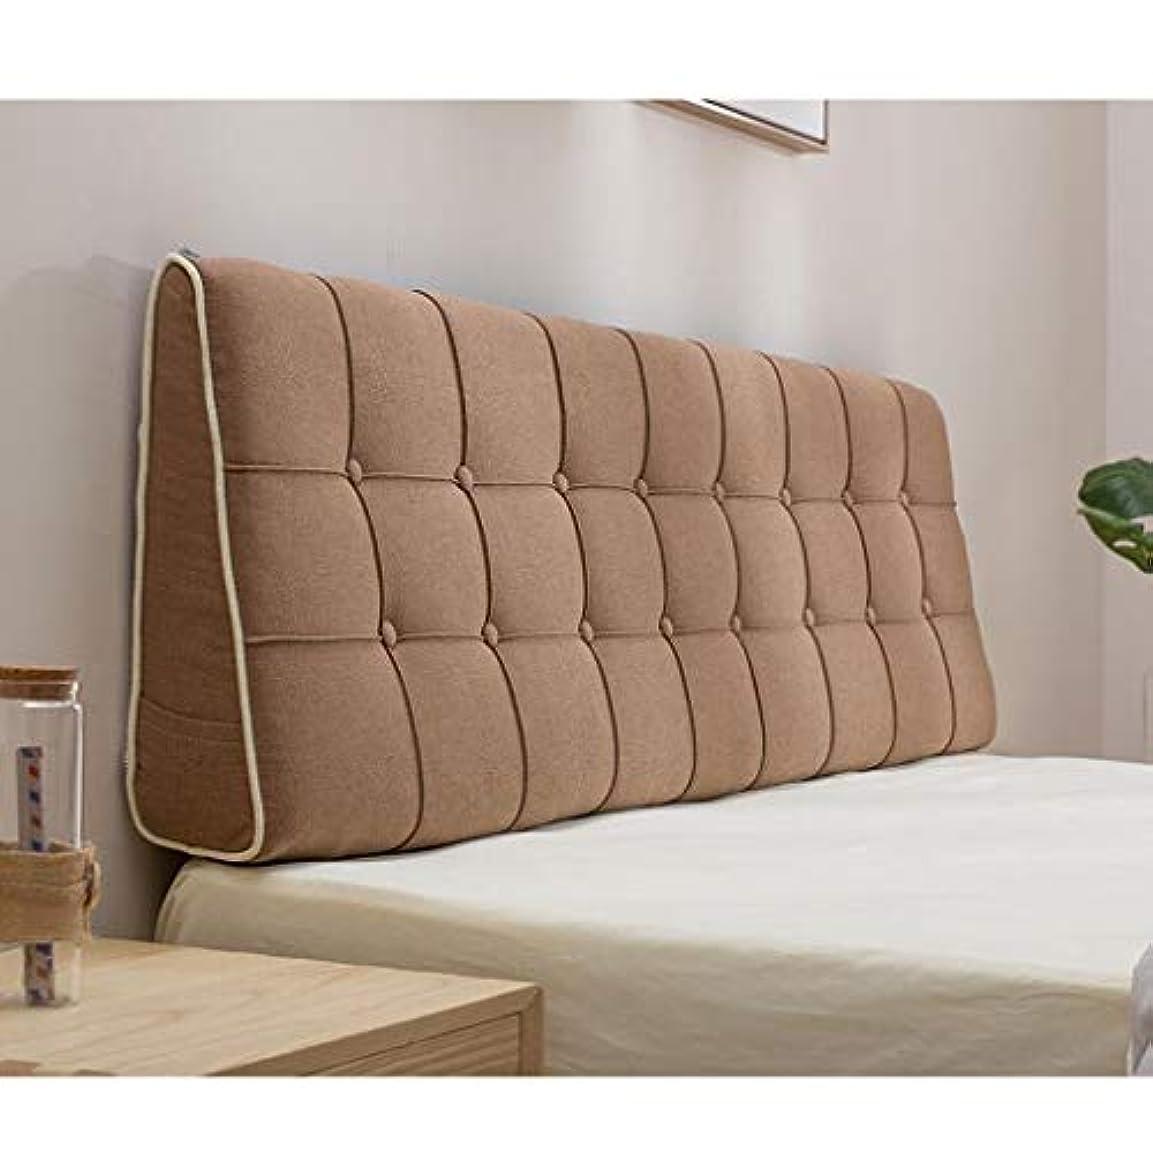 熟したかび臭い後悔ベッドサイドクッションファブリックベッドピロー大きなバッククッションダブルウエストクッションマルチスタイルオプションのコンフォートクッション Zsetop (Color : B, Size : 200*50cm)